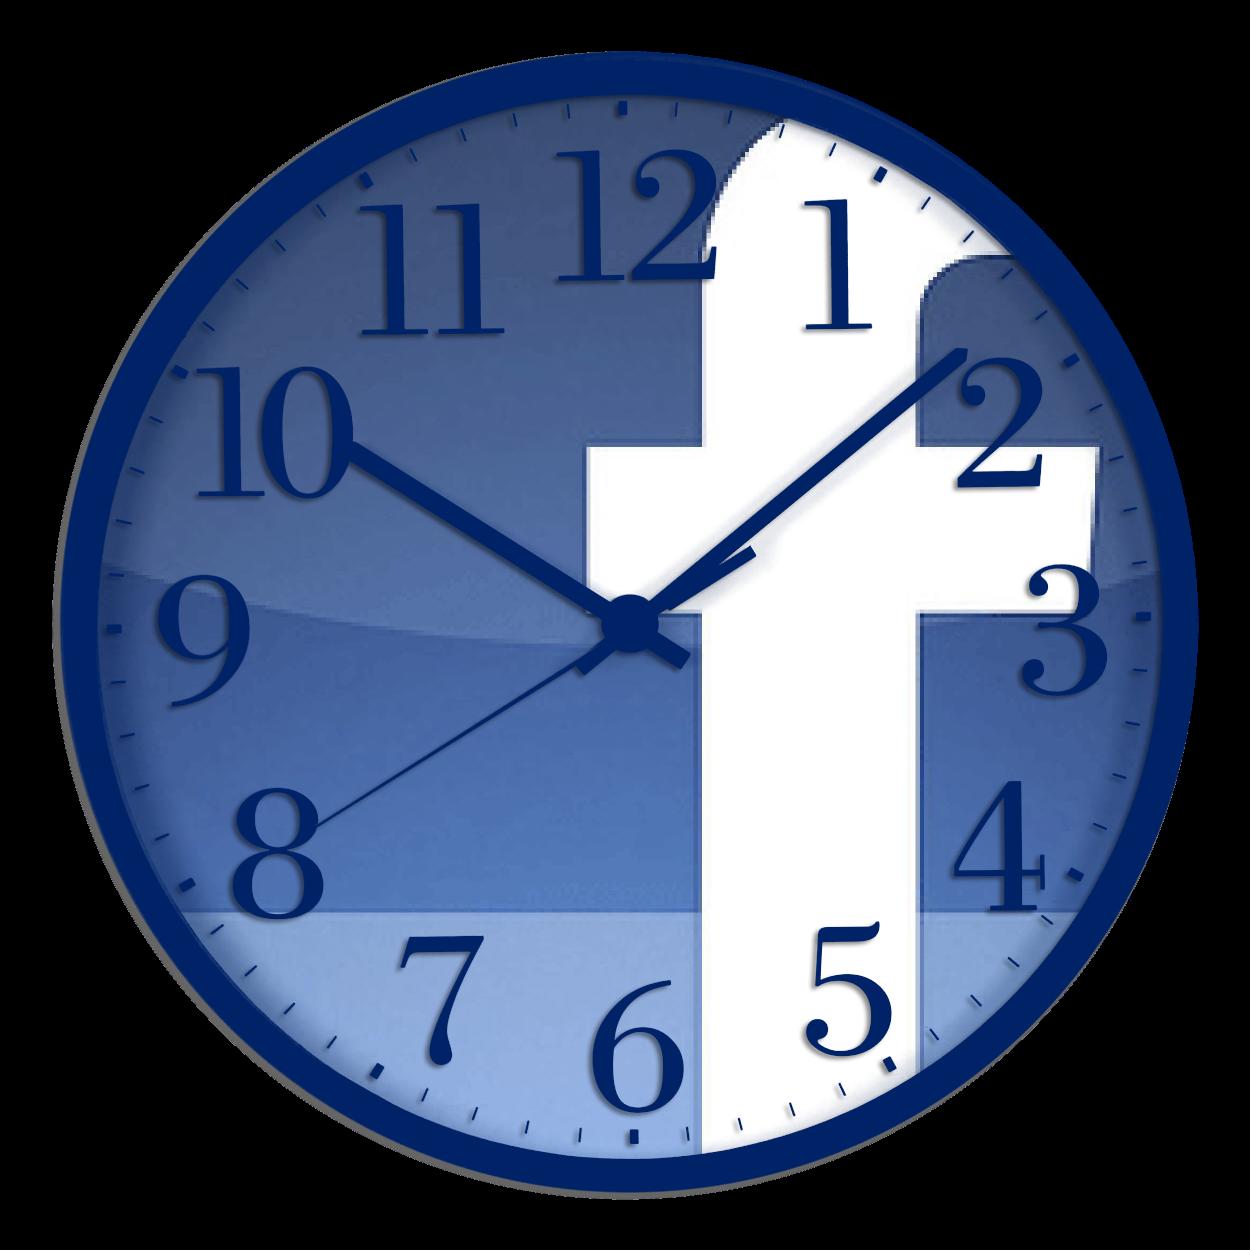 موقع لمعرفة الوقت الذي أهدرته على الفيسبوك منذ انشاء الحساب وحتى اخر مشاركة !